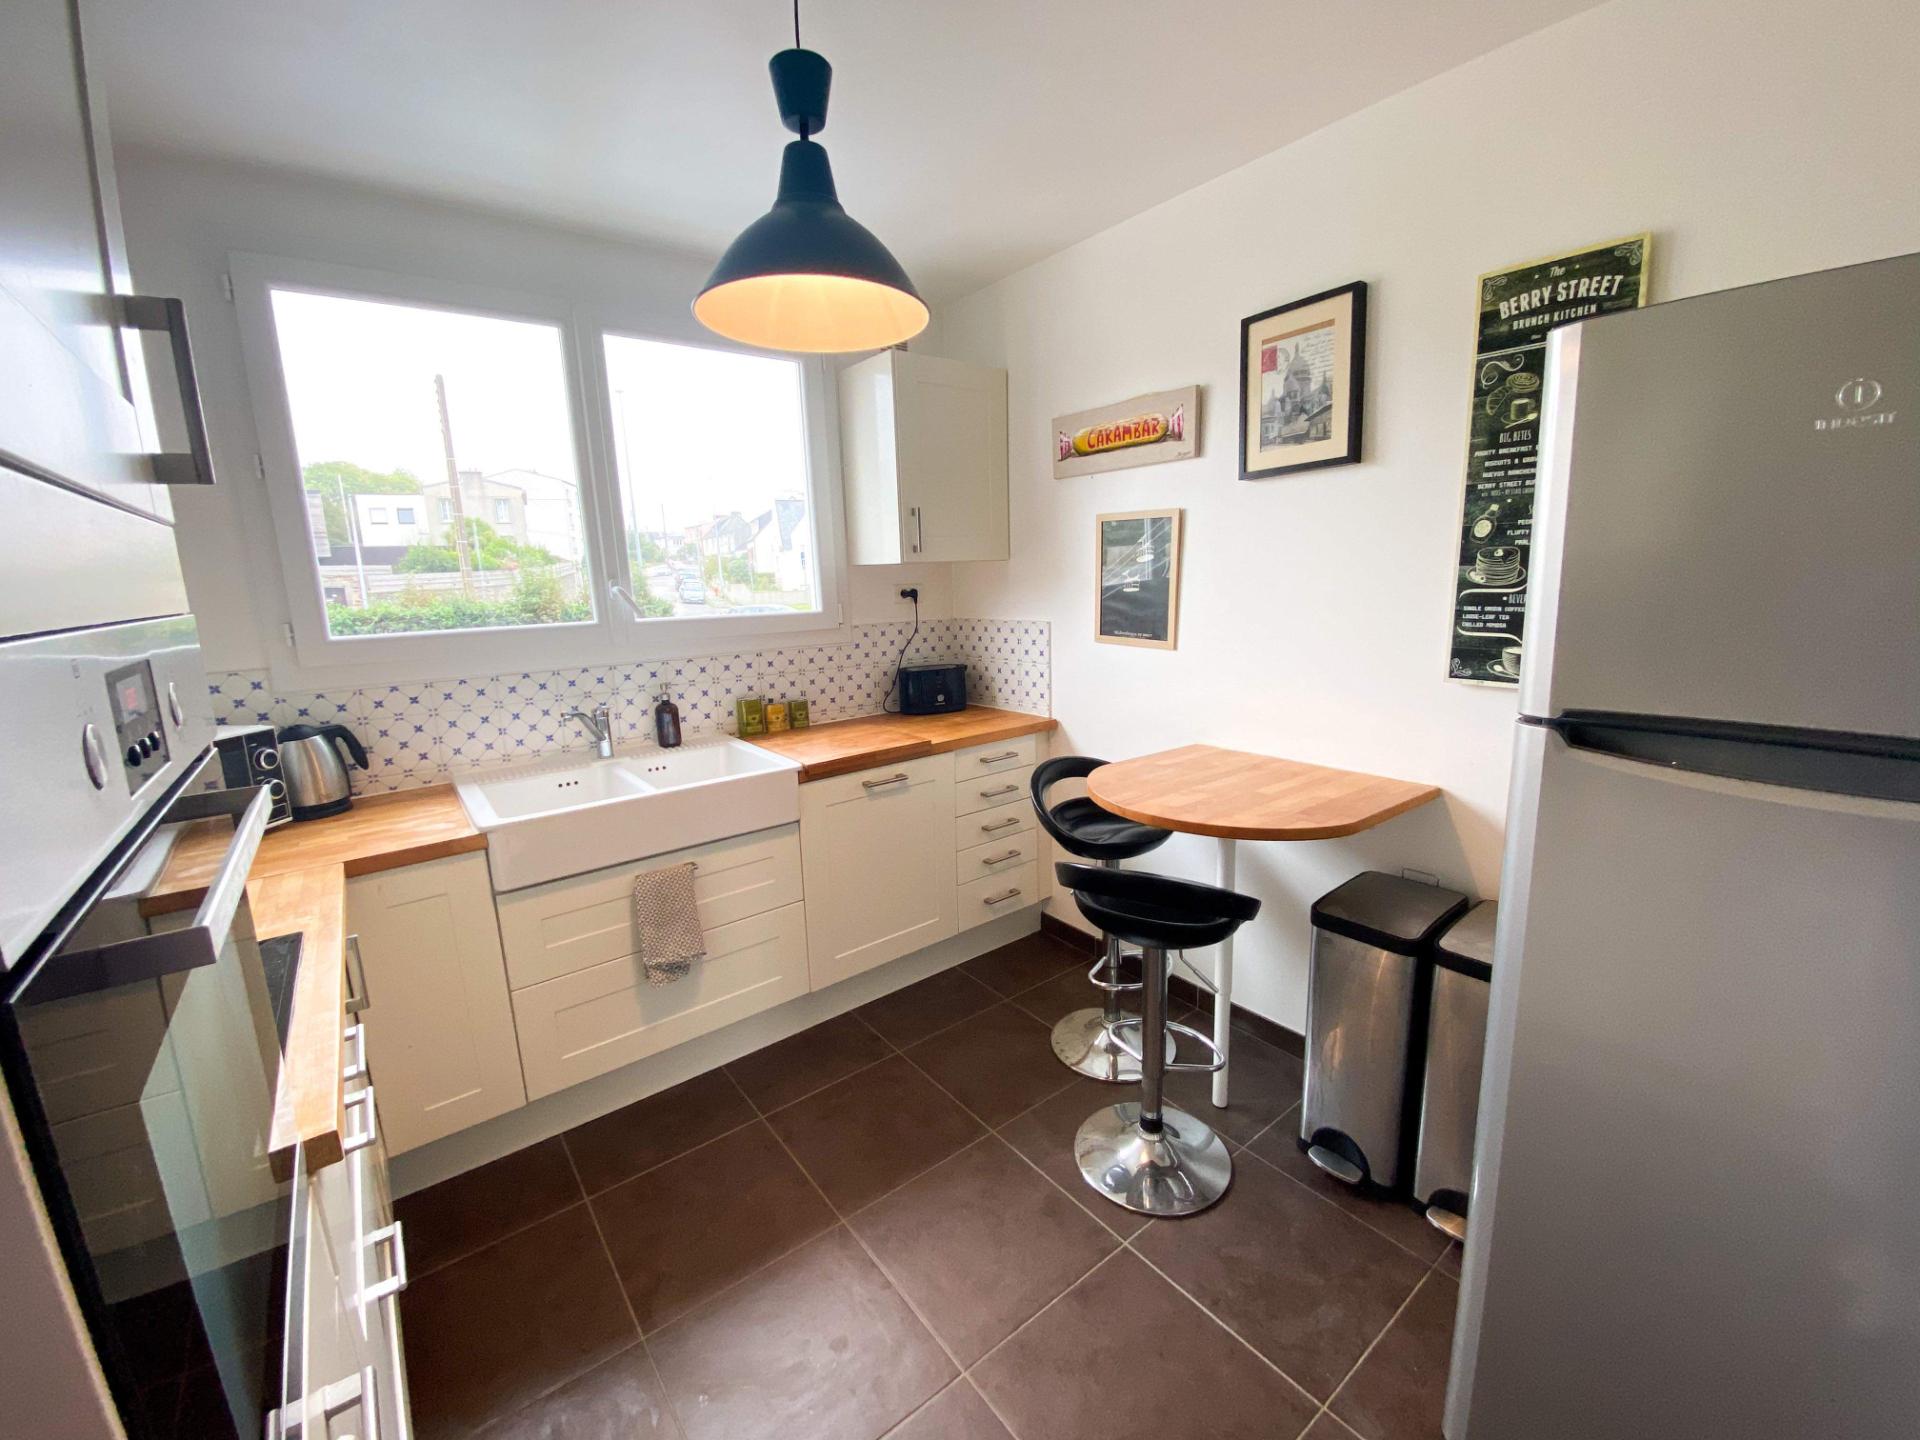 Offre d'achat acceptée - Brest Guelmeur - Appartement T4 avec locataire en place